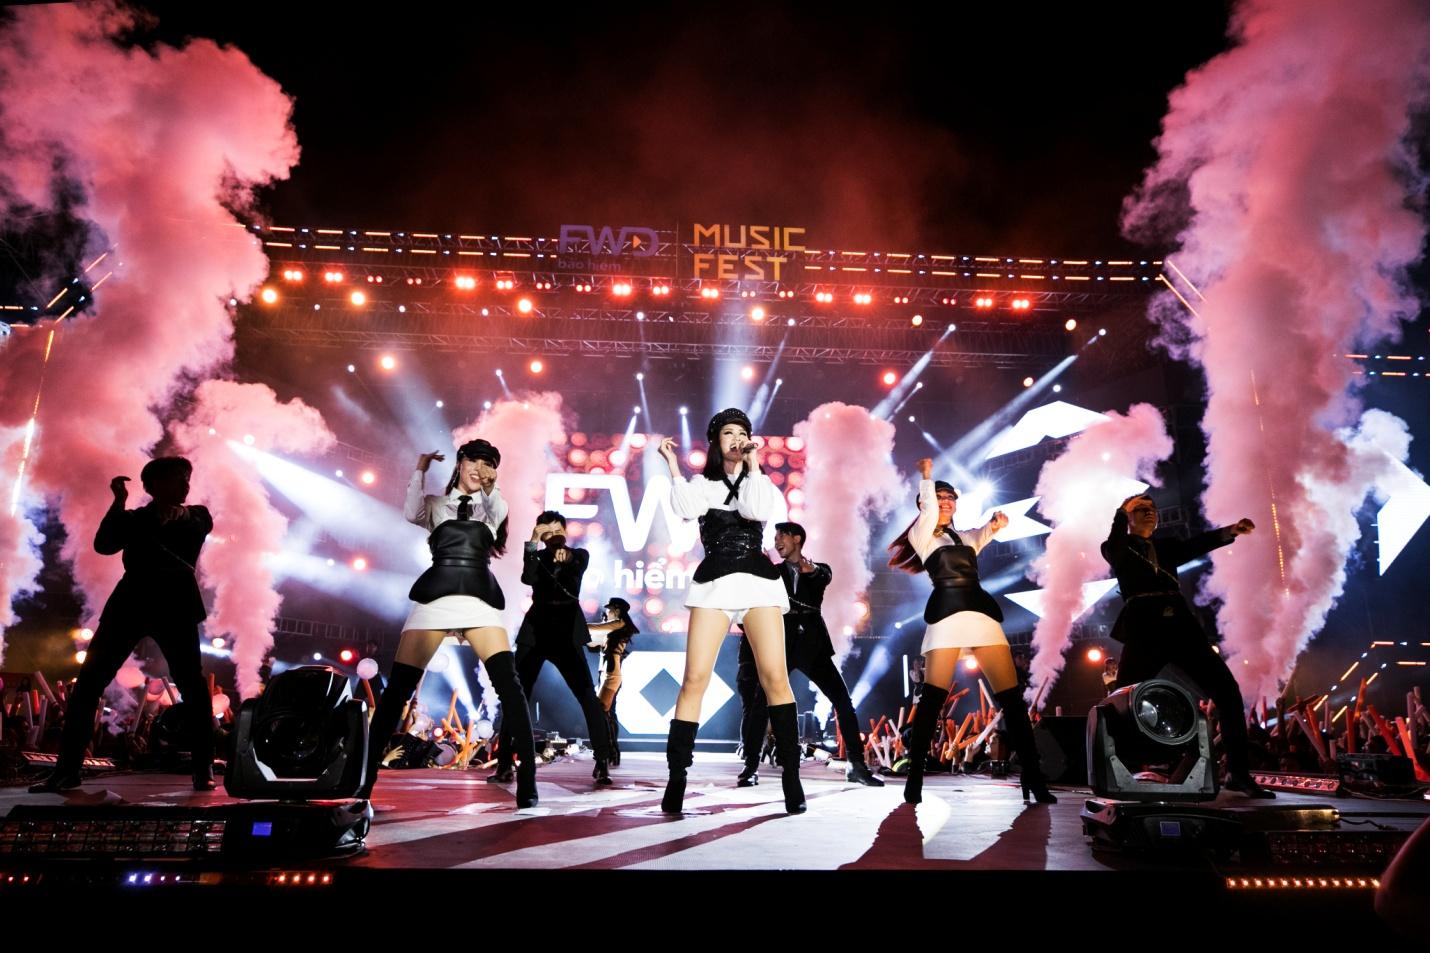 FWD Music Fest thành công mỹ mãn trong sự reo hò của 20.000 khán giả - Ảnh 5.